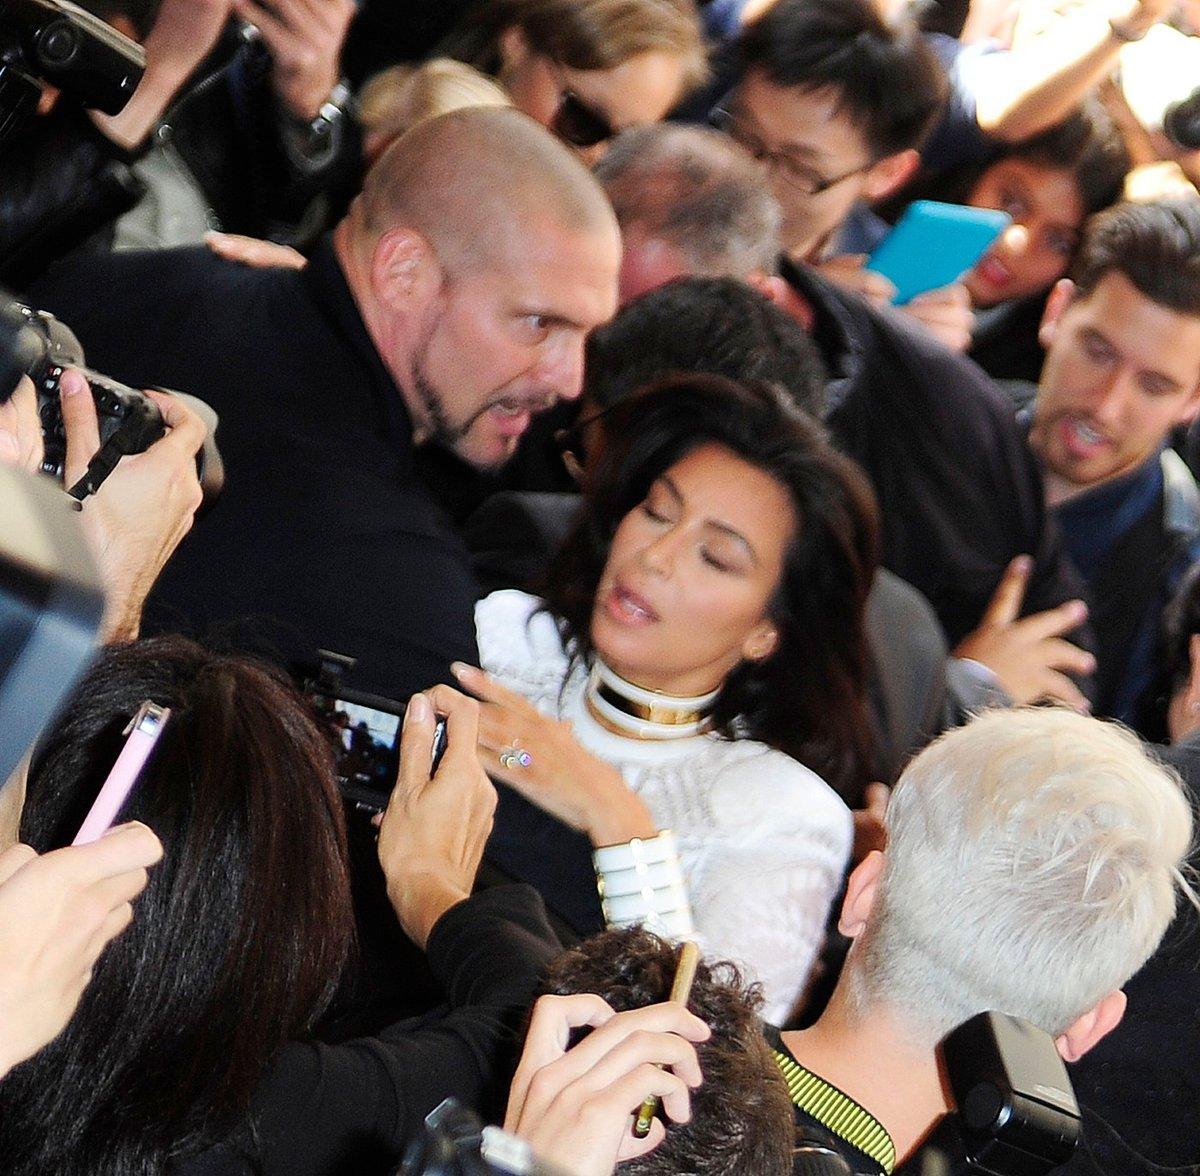 Jeden fanoušek chytil Kim za vlasy a snažil se jí stáhnout dolů.